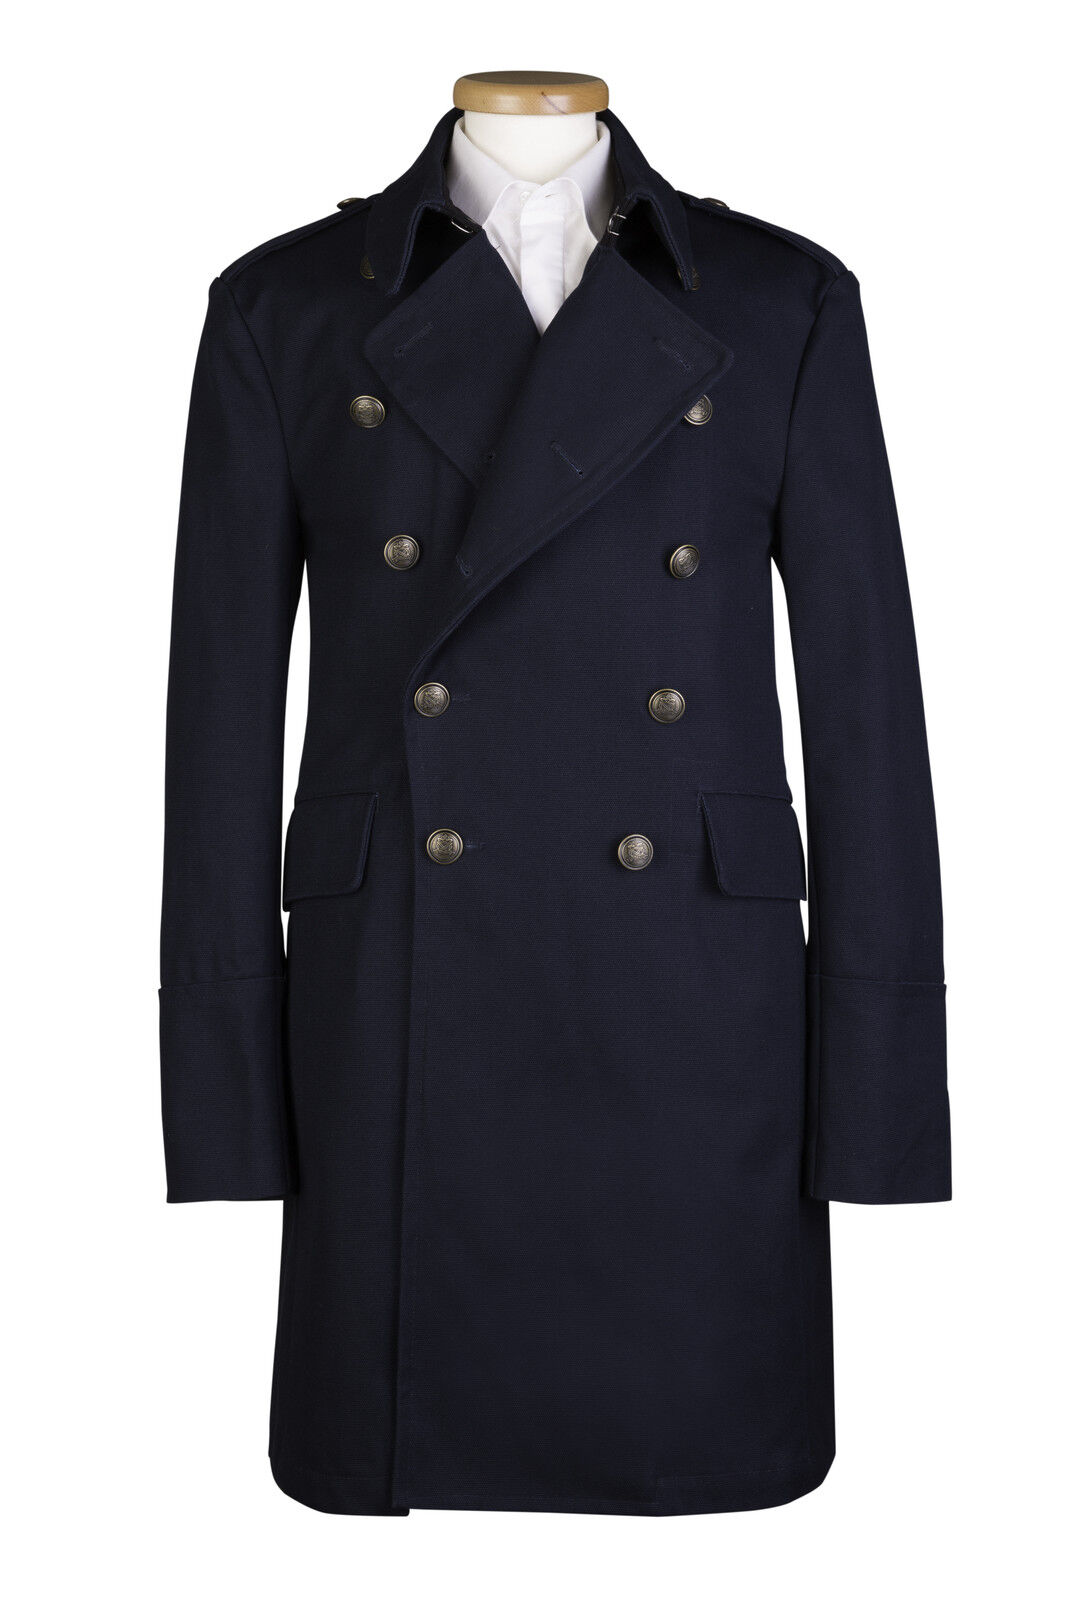 Marineblau Trenchcoat Militär Messing Knöpfe Baumwolle